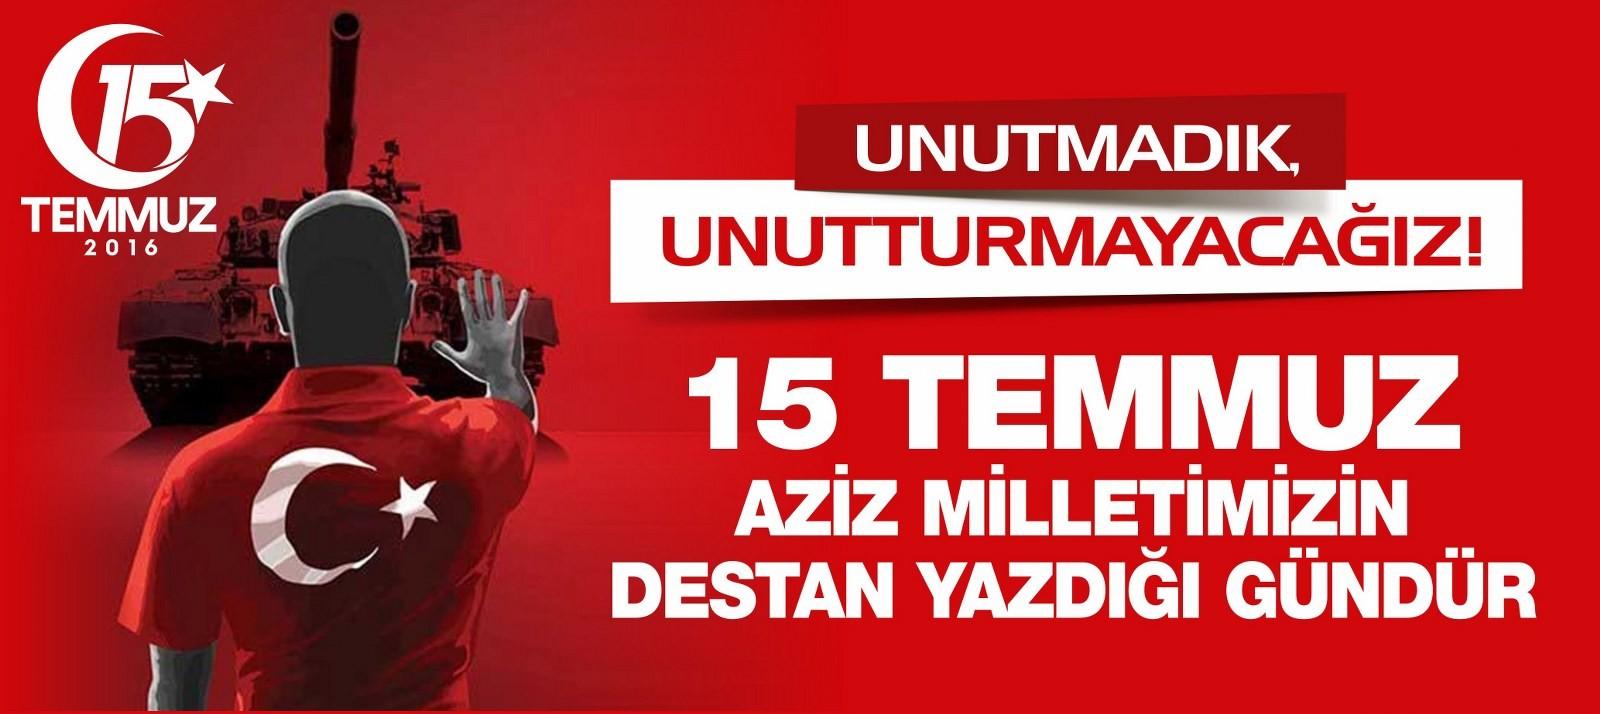 Birlik Başkanımız Mehmet PINARBAŞI' nın 15 Temmuz Mesajı